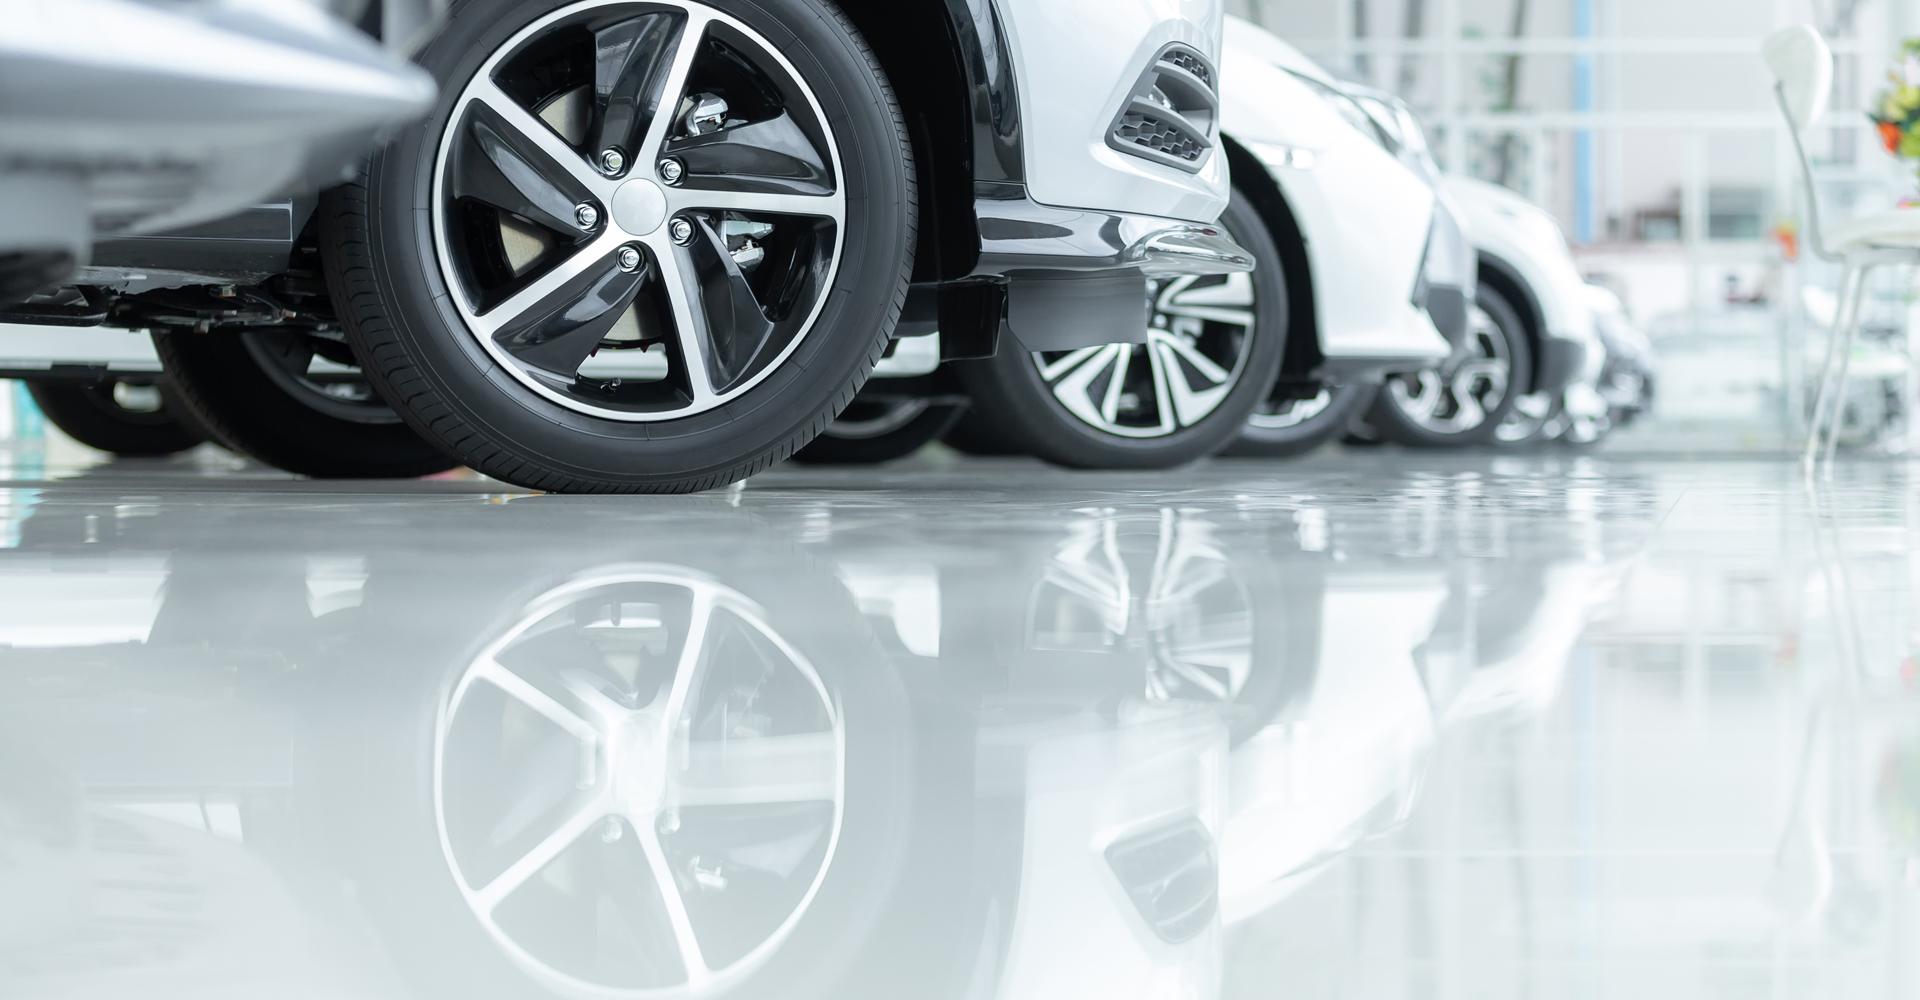 Betonvloer coating voor auto's